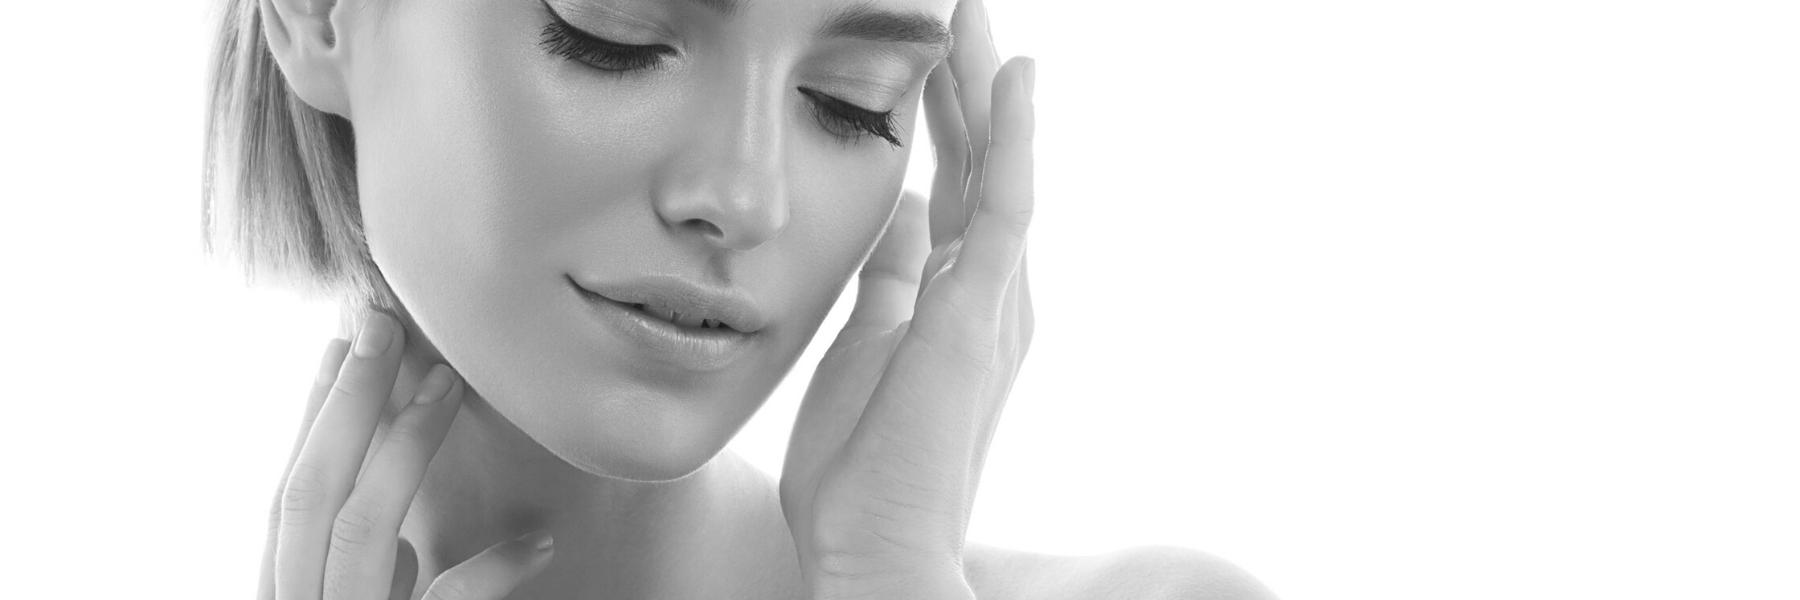 sieviete pēc sejas un kakla ādas atjaunināšanas